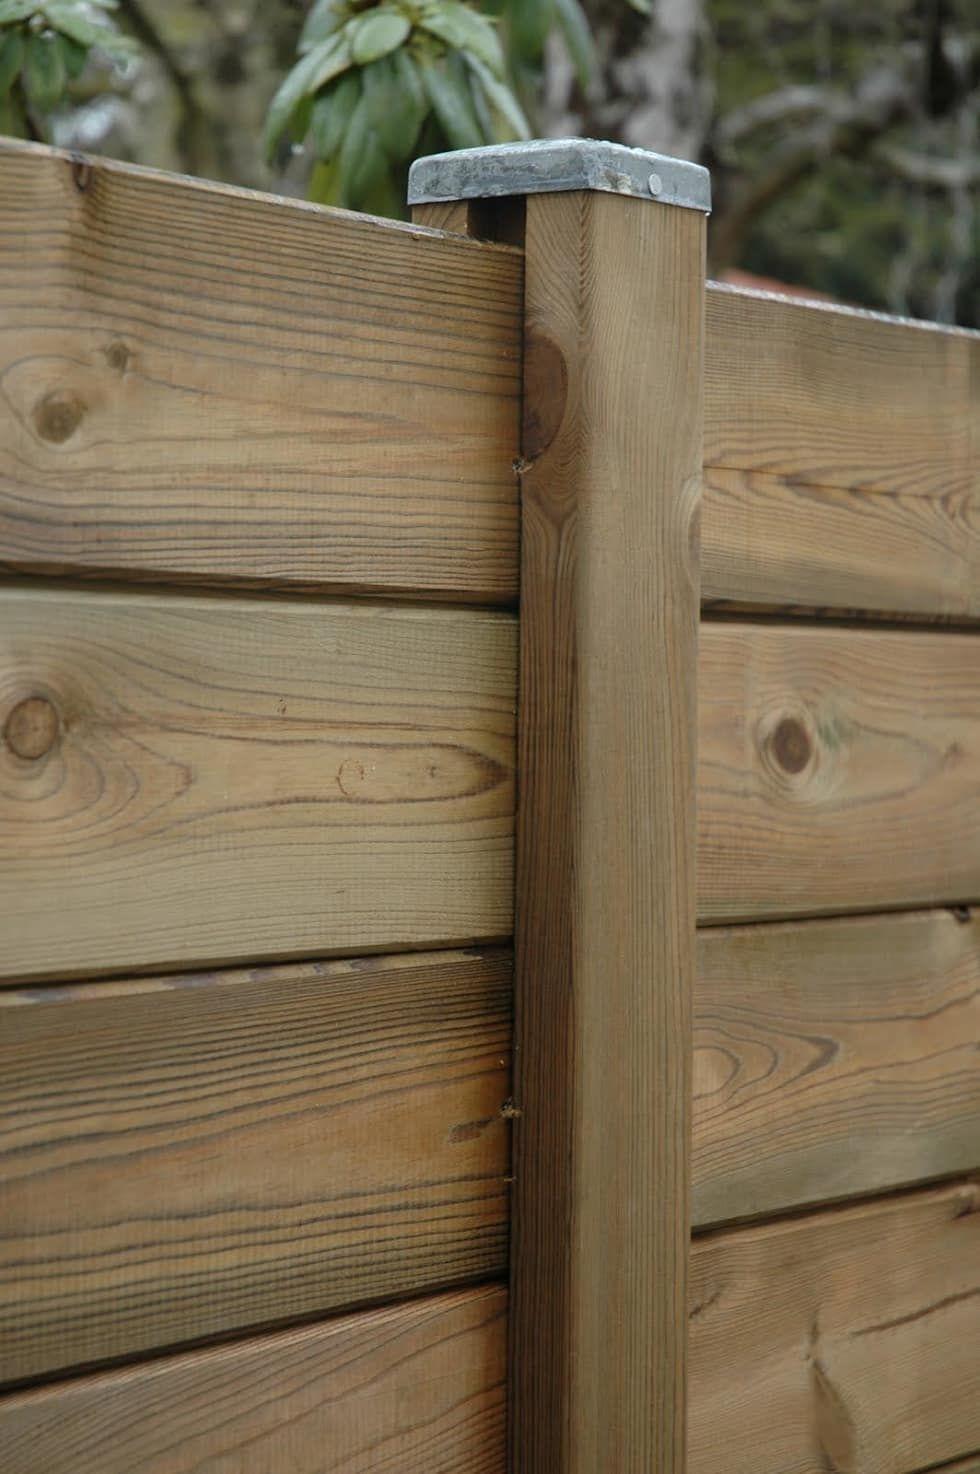 garten von deck lin a gartenzaun pinterest garten zaun und gartenzaun. Black Bedroom Furniture Sets. Home Design Ideas